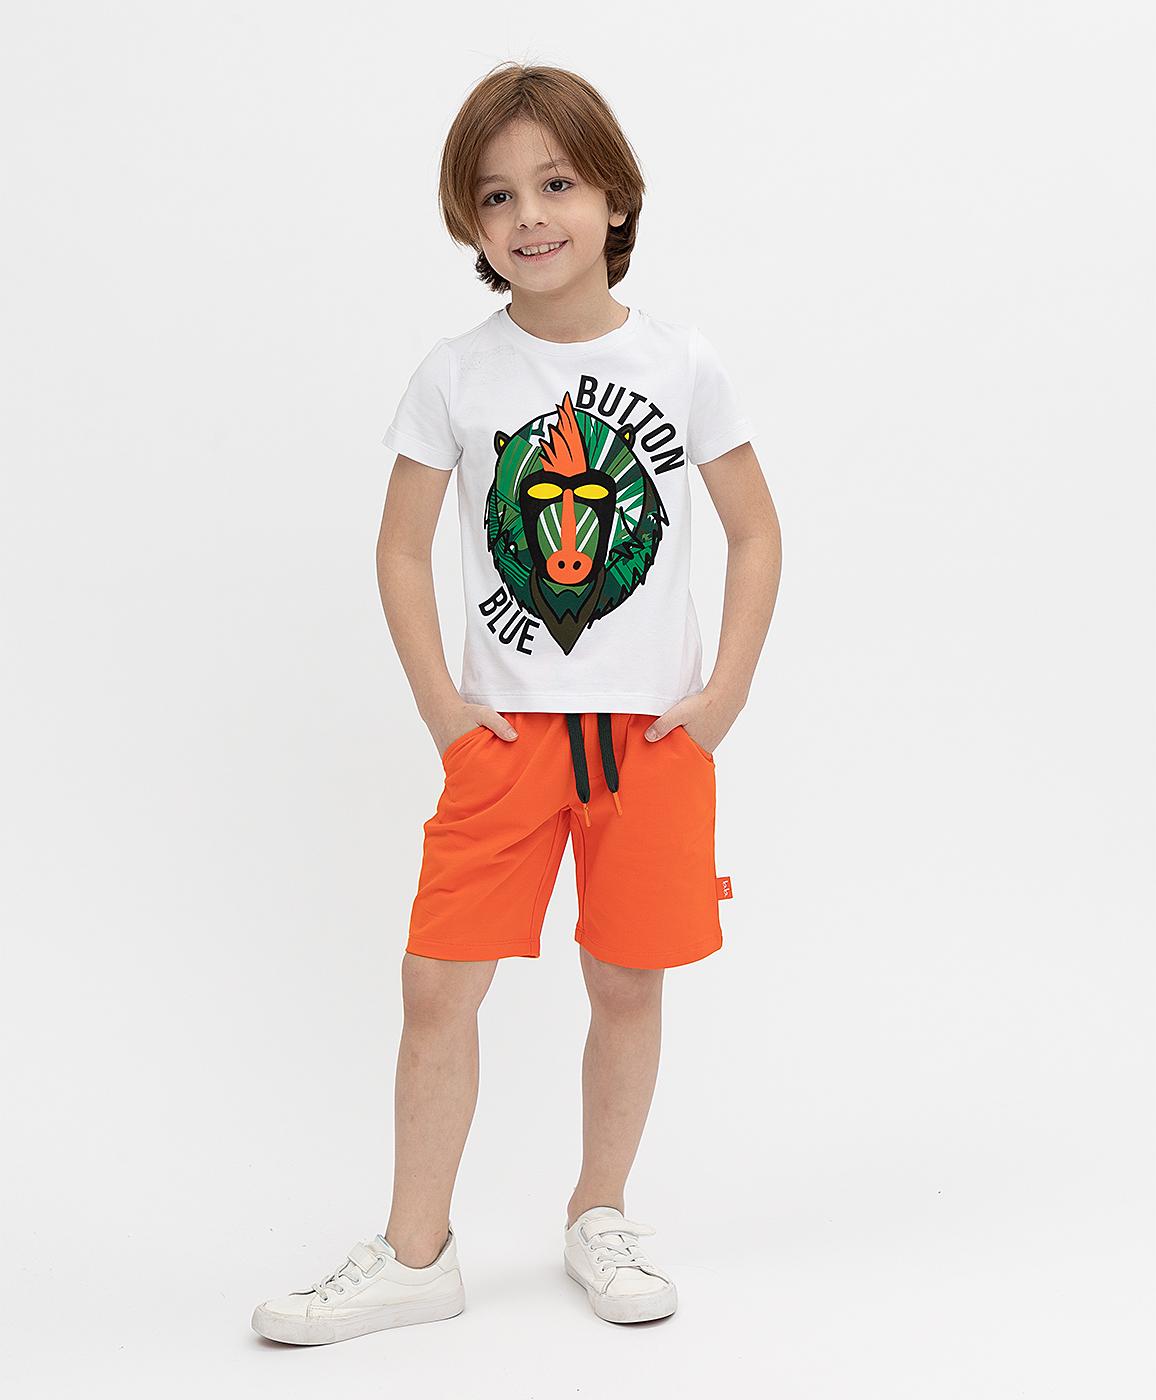 Купить 121BBBMC54013200, Оранжевые шорты Button Blue, оранжевый, 98, Футер, Мужской, Весна, ВЕСНА/ЛЕТО 2021 (shop: GulliverMarket Gulliver Market)